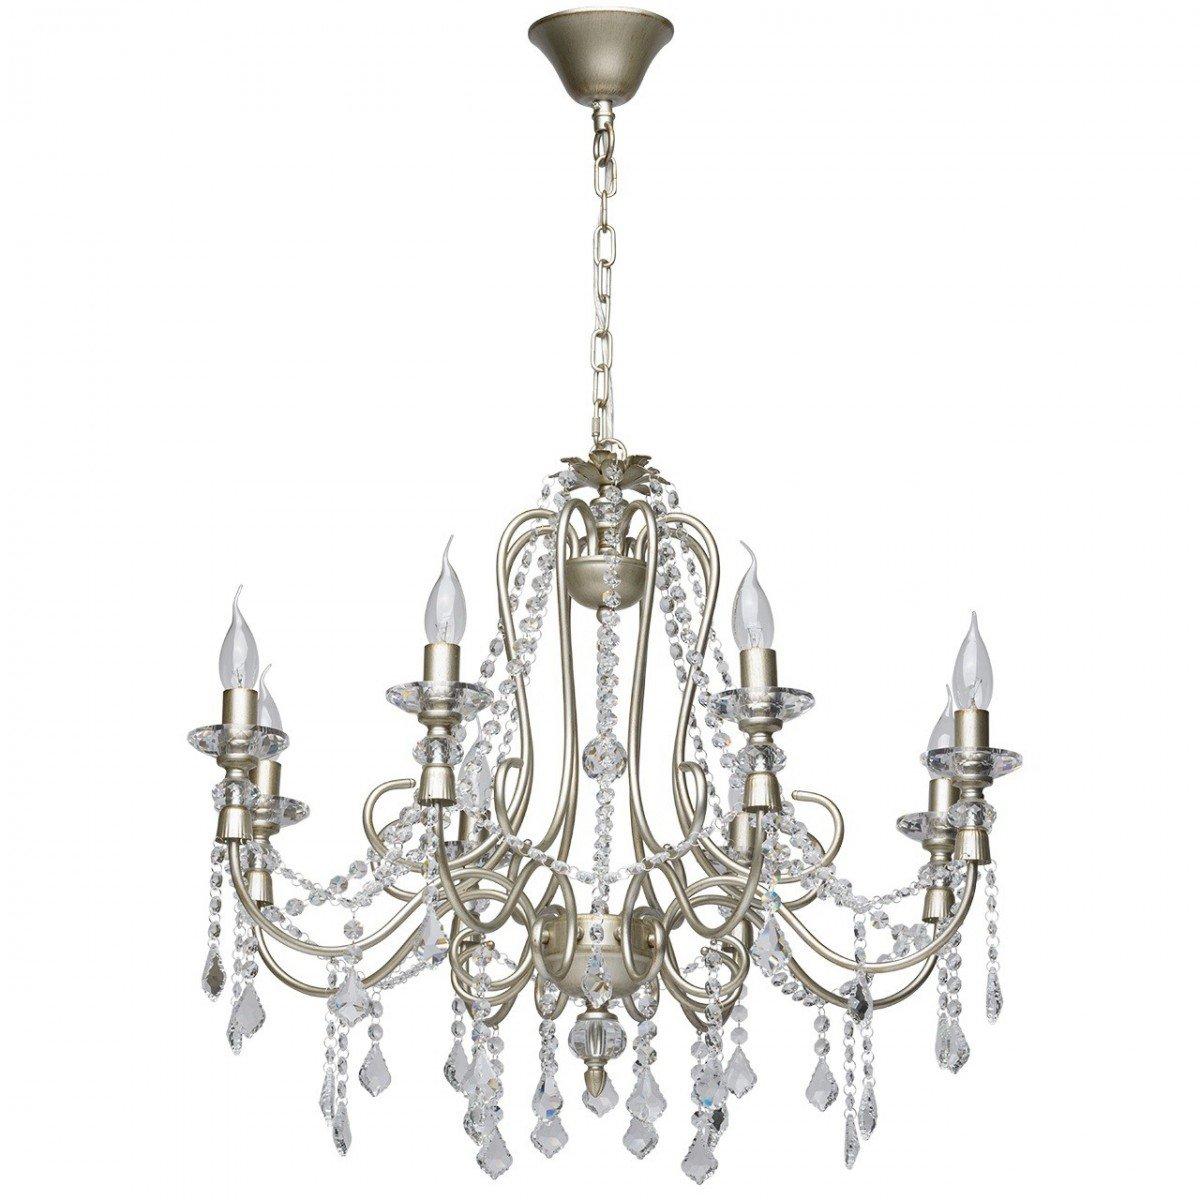 Deckenleuchte Kronleuchter Deckenlampe Leuchte Classic Style, 8-flammig, Ø 76 cm, Silber Antik mit Kristallen, 8 x E14 max. 40 W